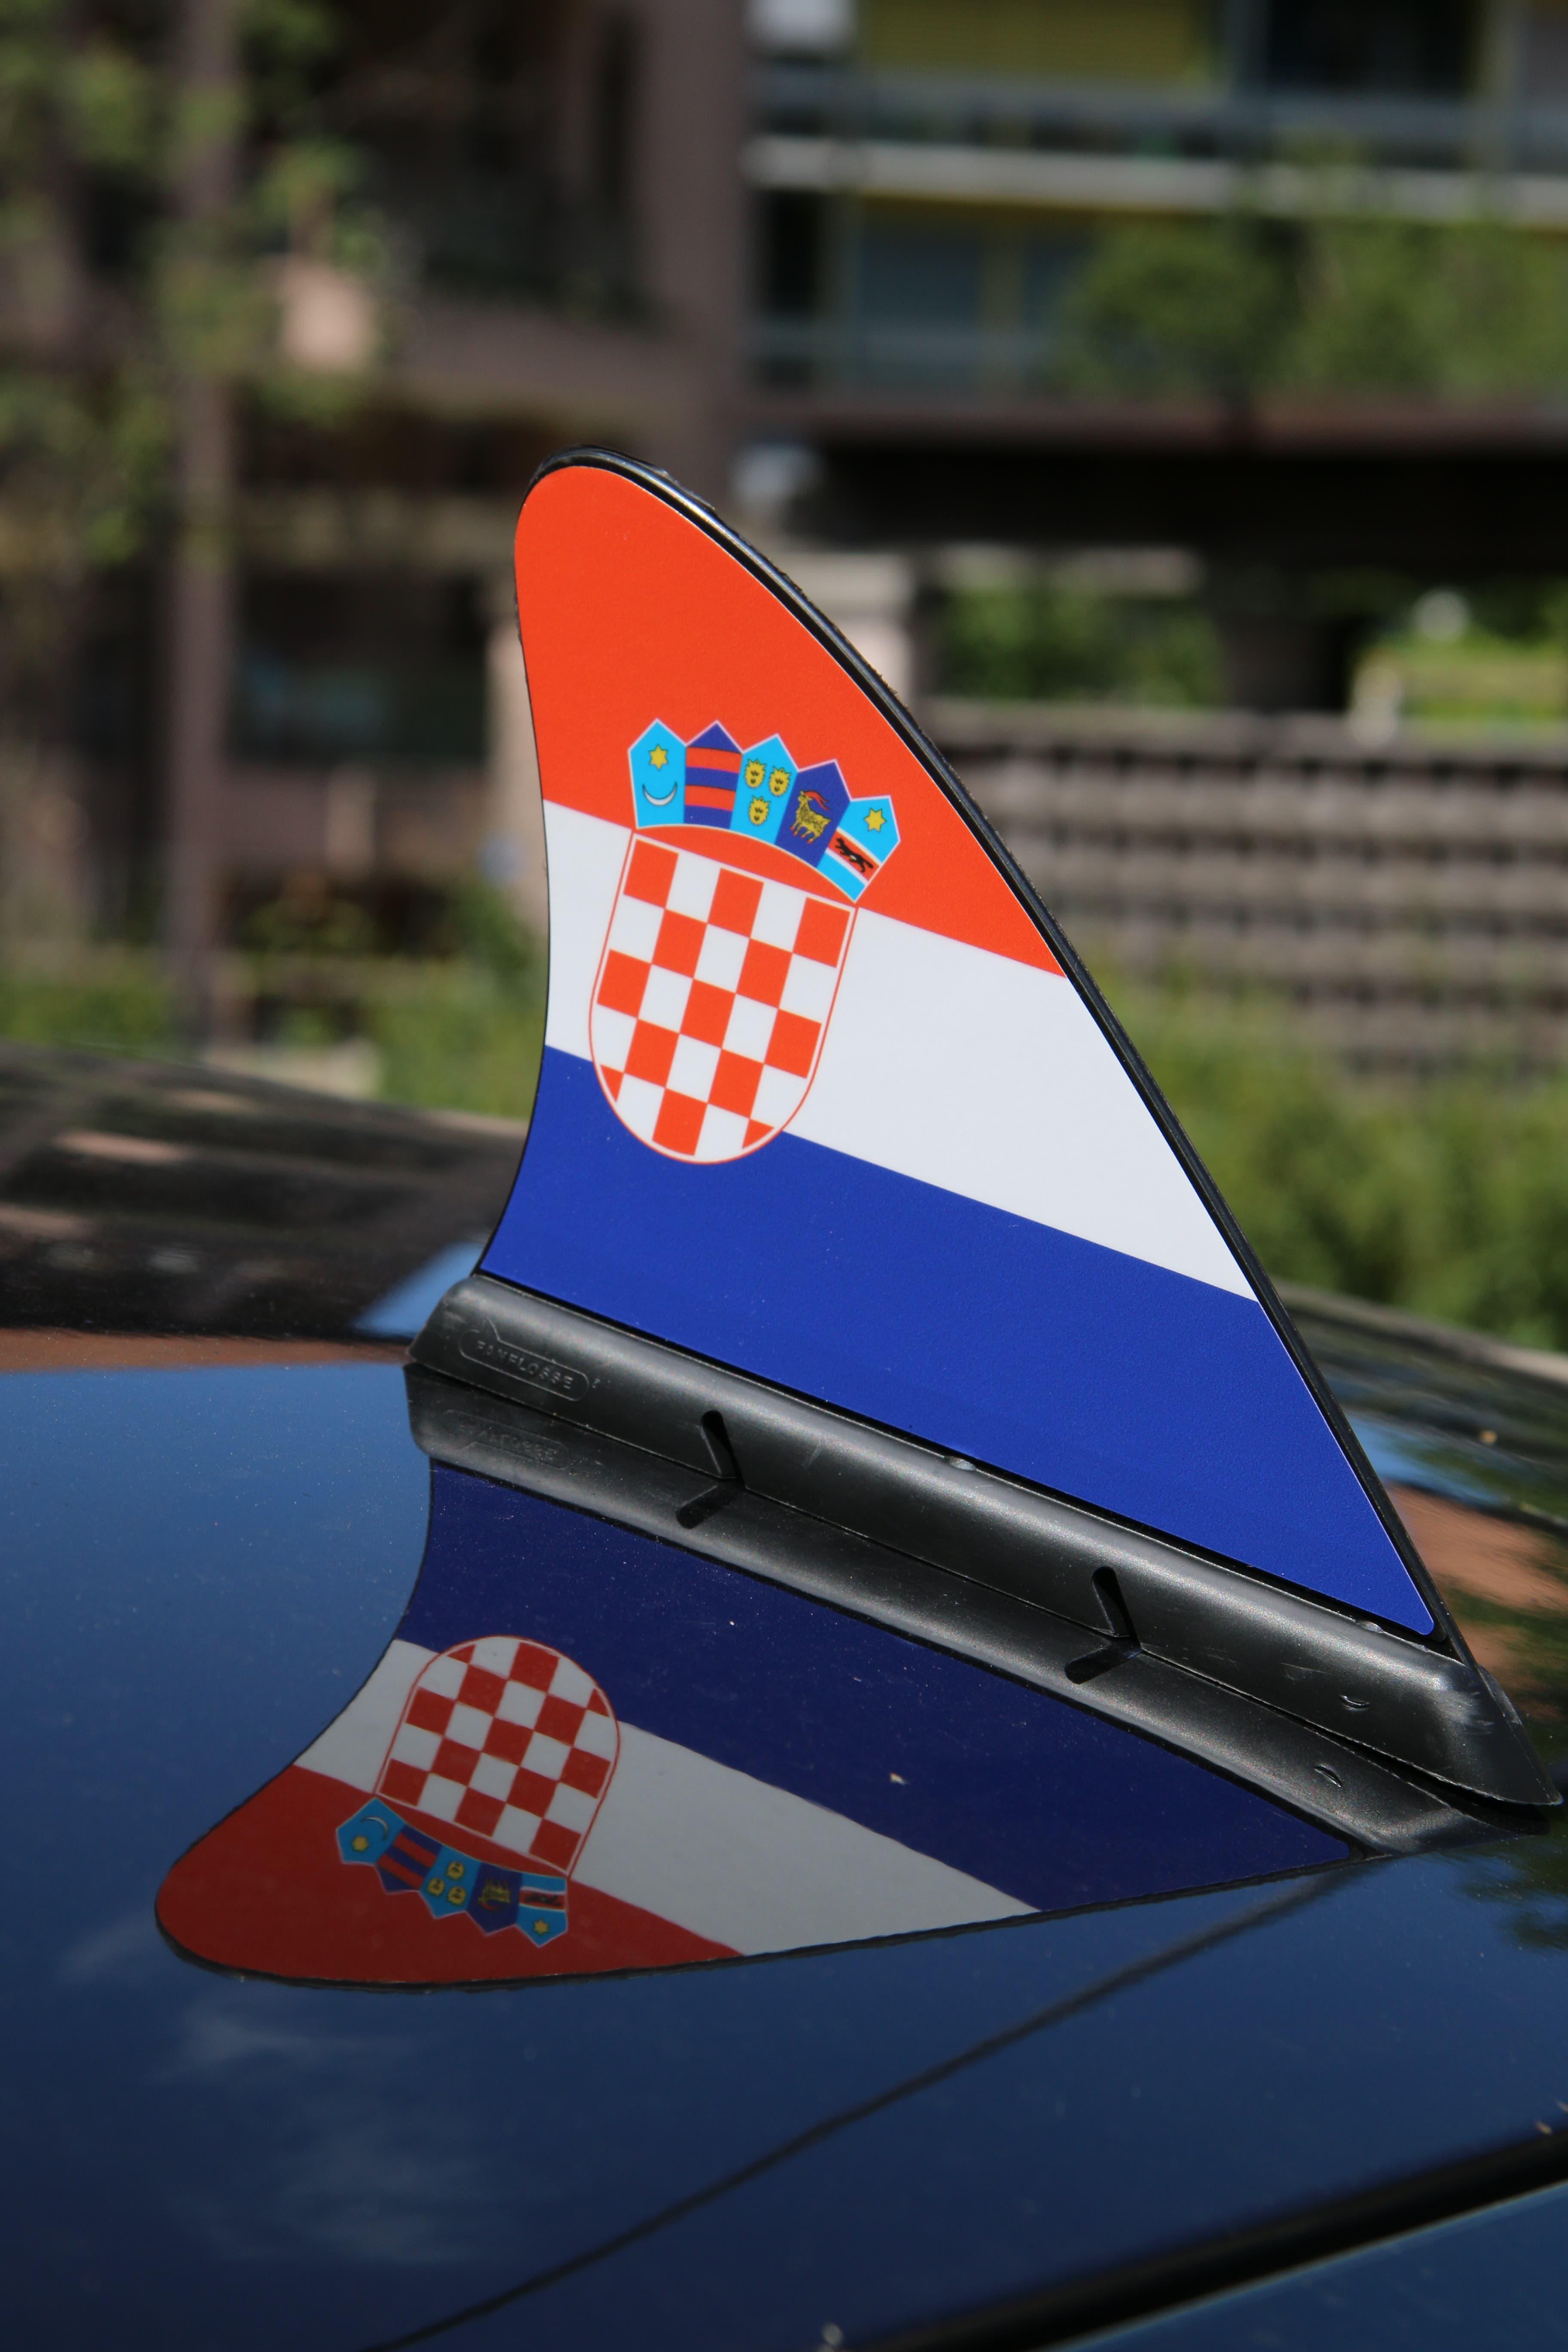 Das neuste Accessoir für den motorisierten Fussballfan: Die Haifischflosse fürs Autodach. In diesem Fall in den kroatischen Farben an der Martinsbruggstrasse.